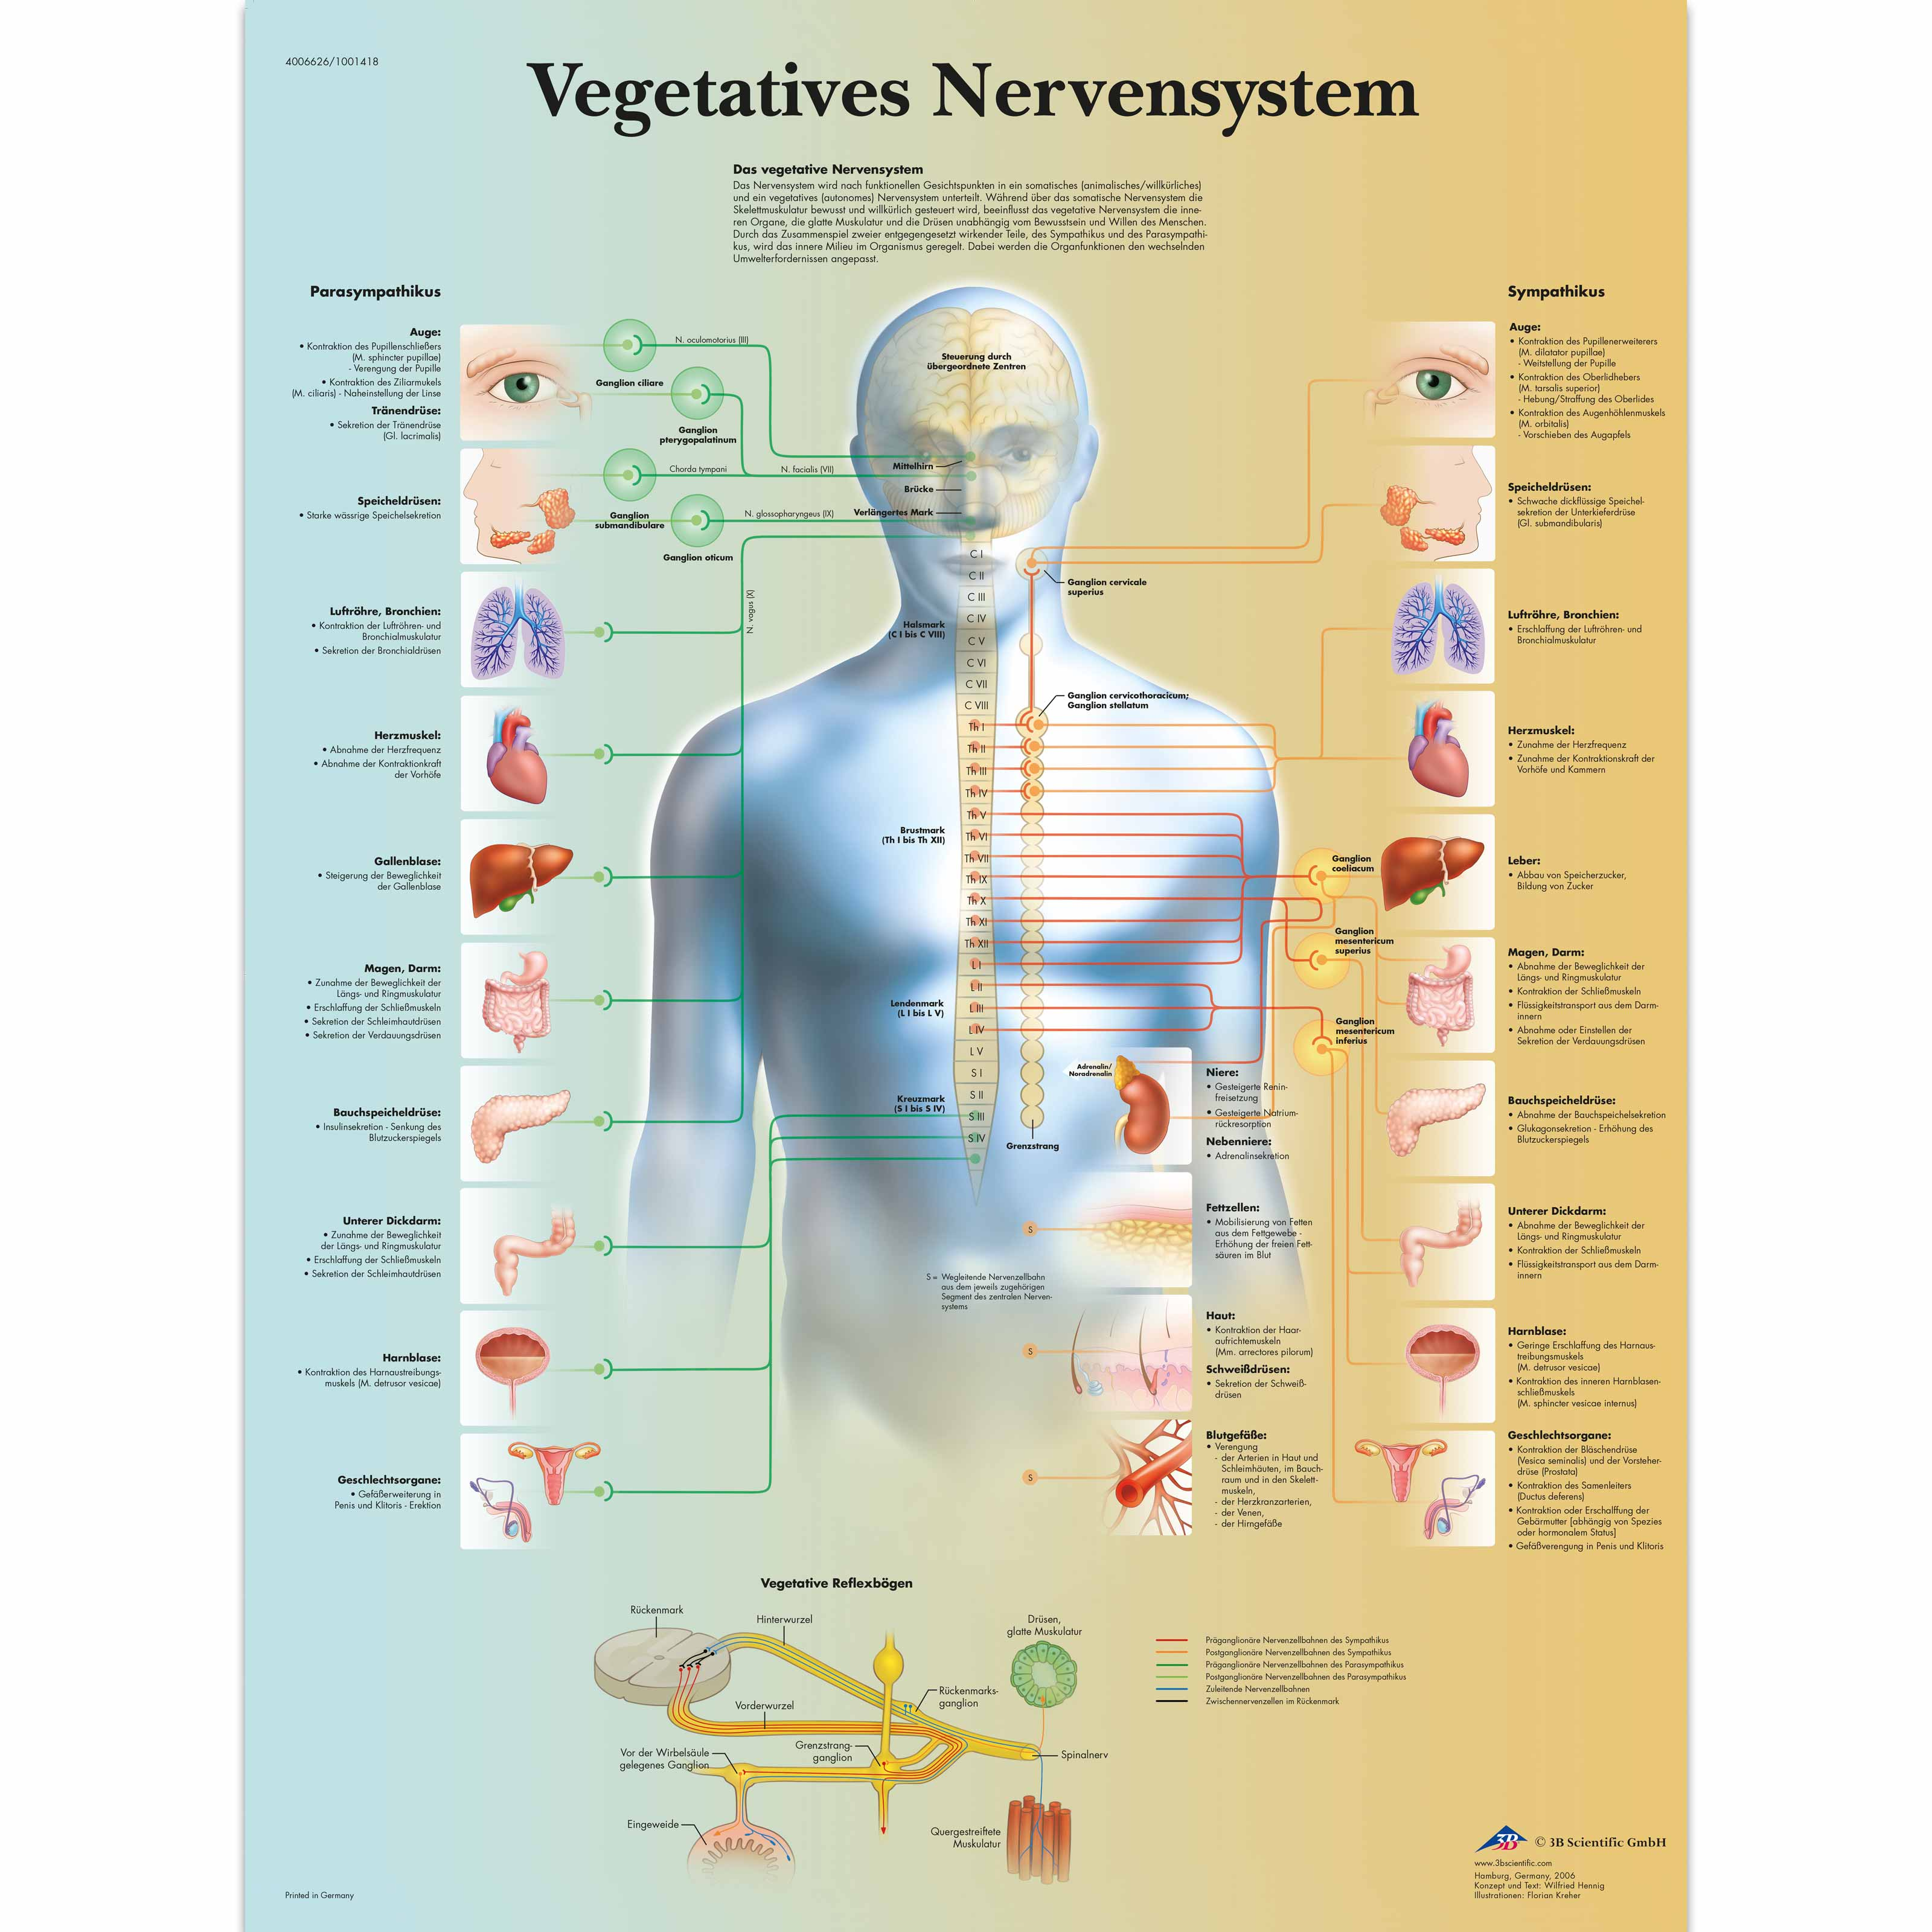 Lehrtafel - Vegetatives Nervensystem - 4006626 - VR0610uu - Gehirn ...